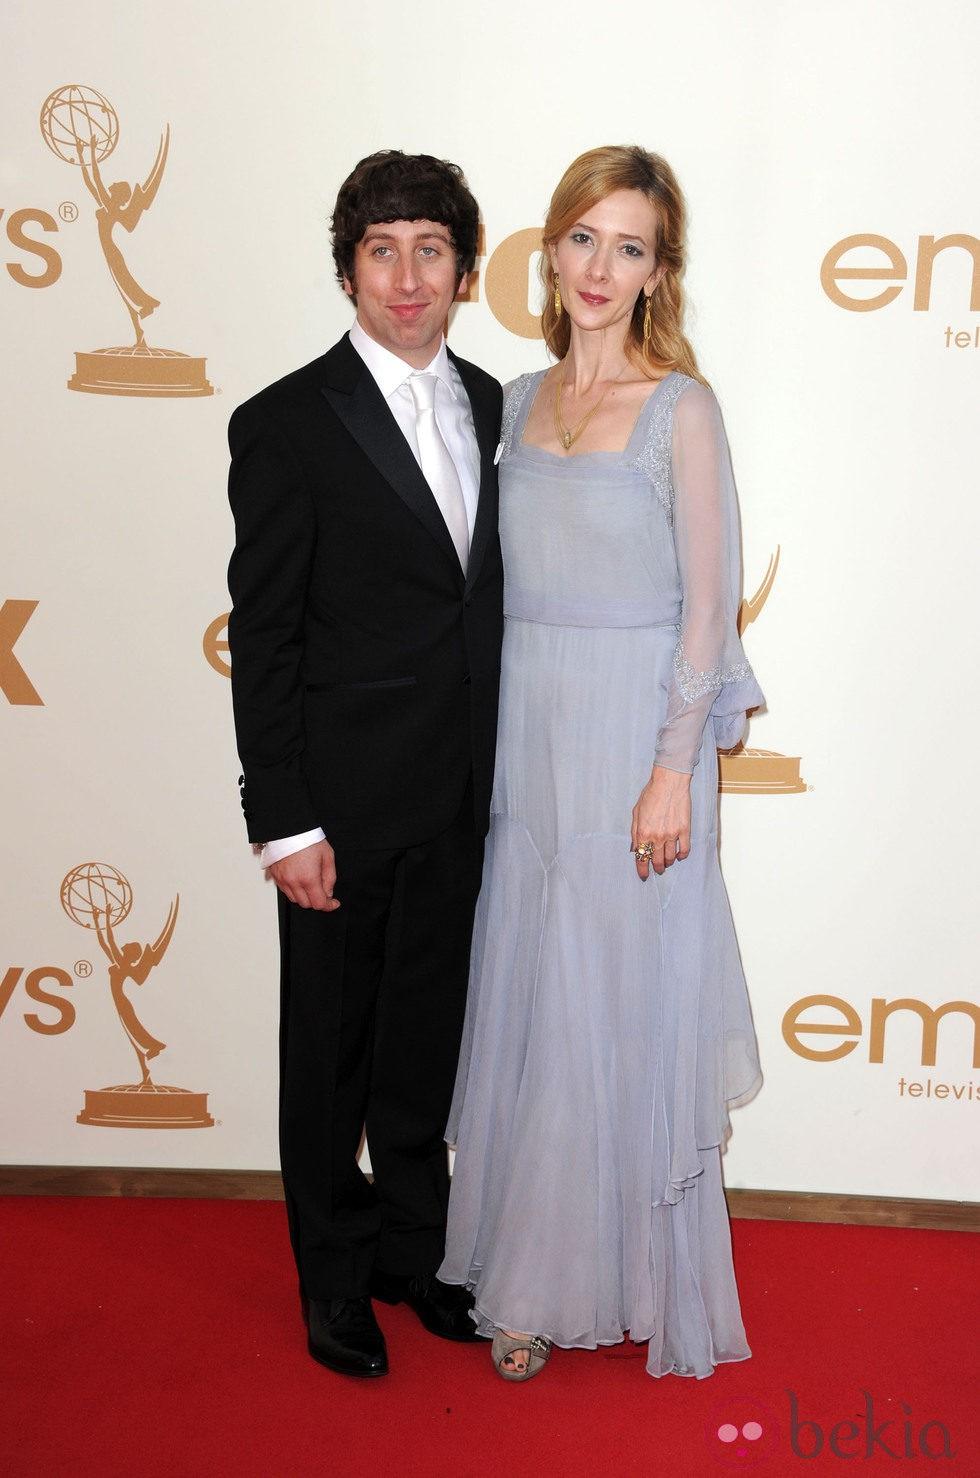 Simon Helberg en los premios Emmy 2011